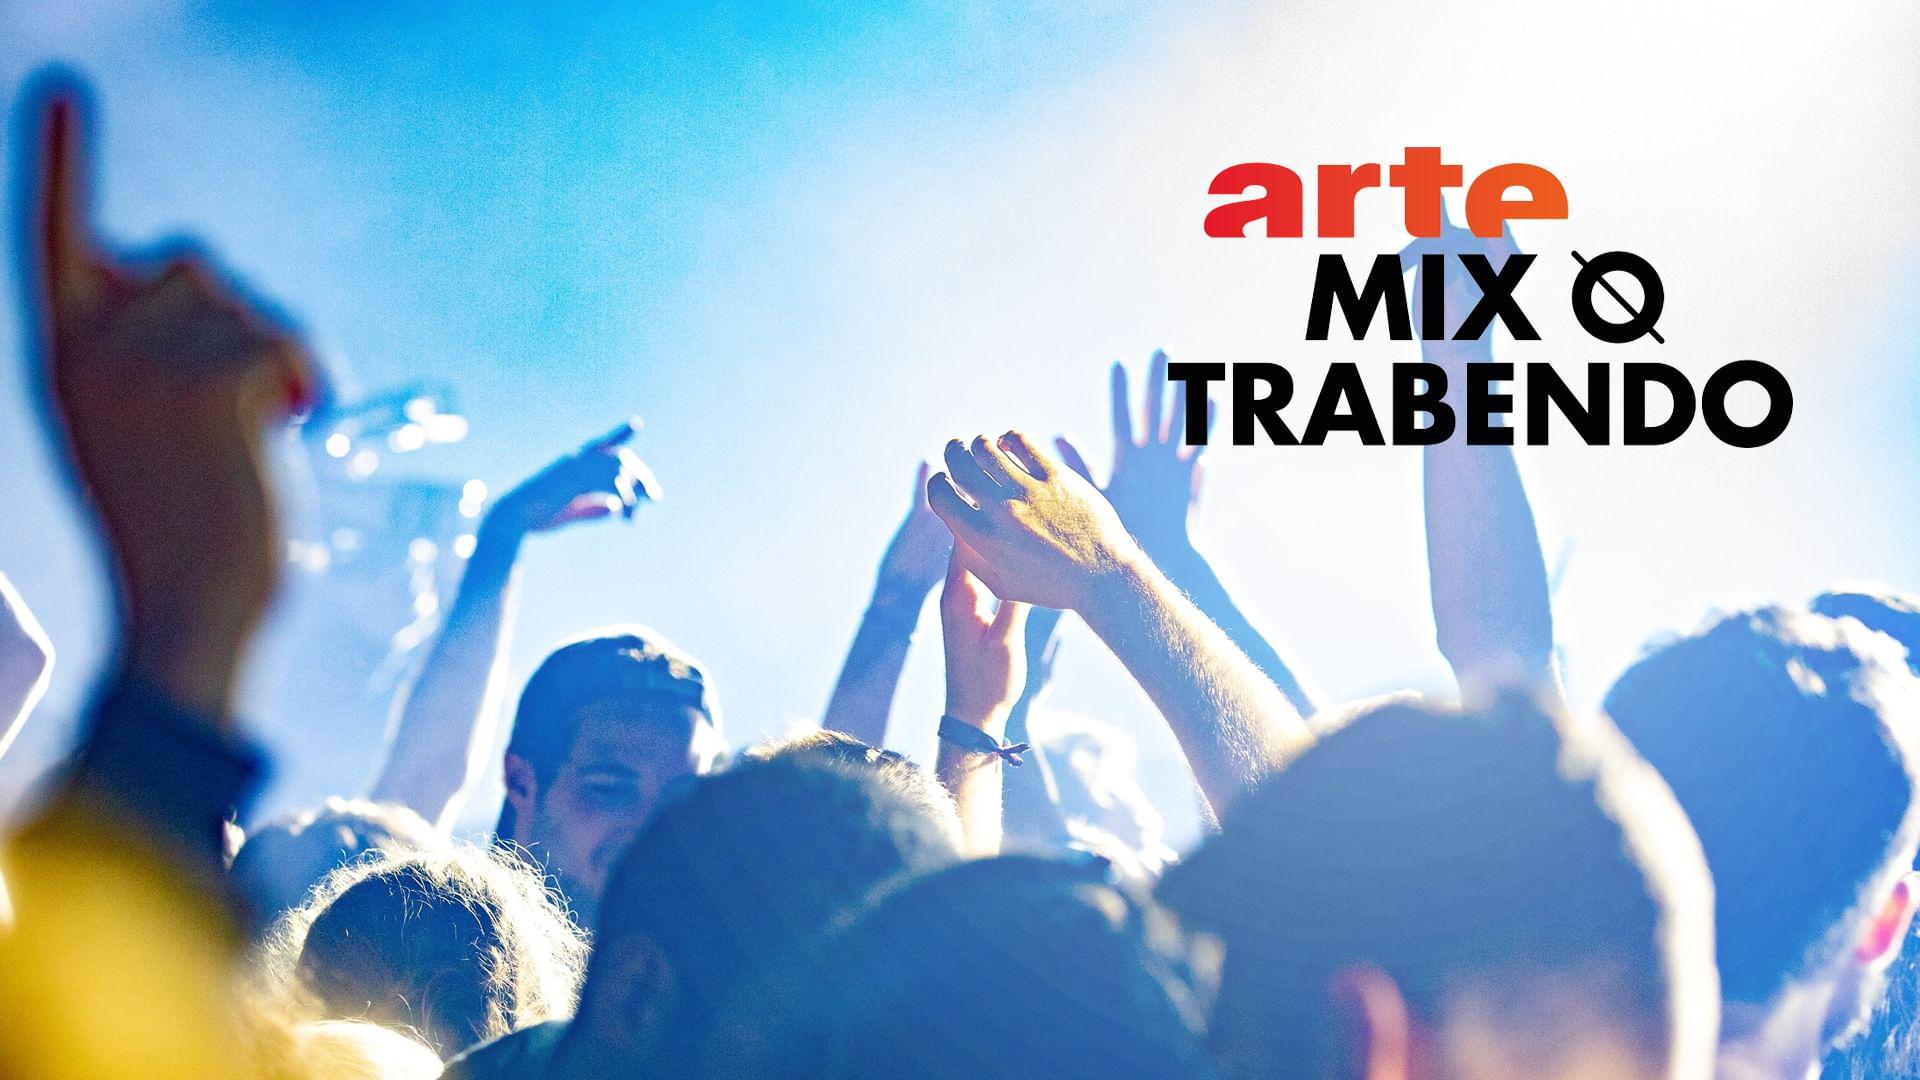 ARTE Mix ø Trabendo